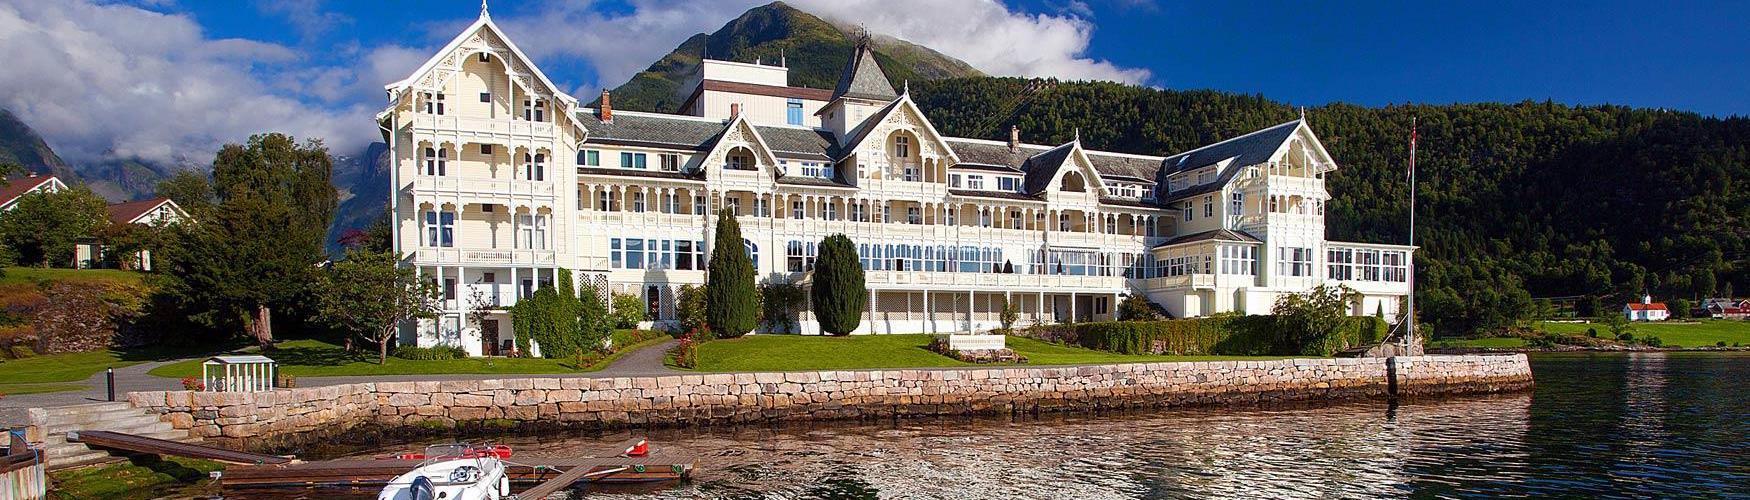 فنادق النرويج